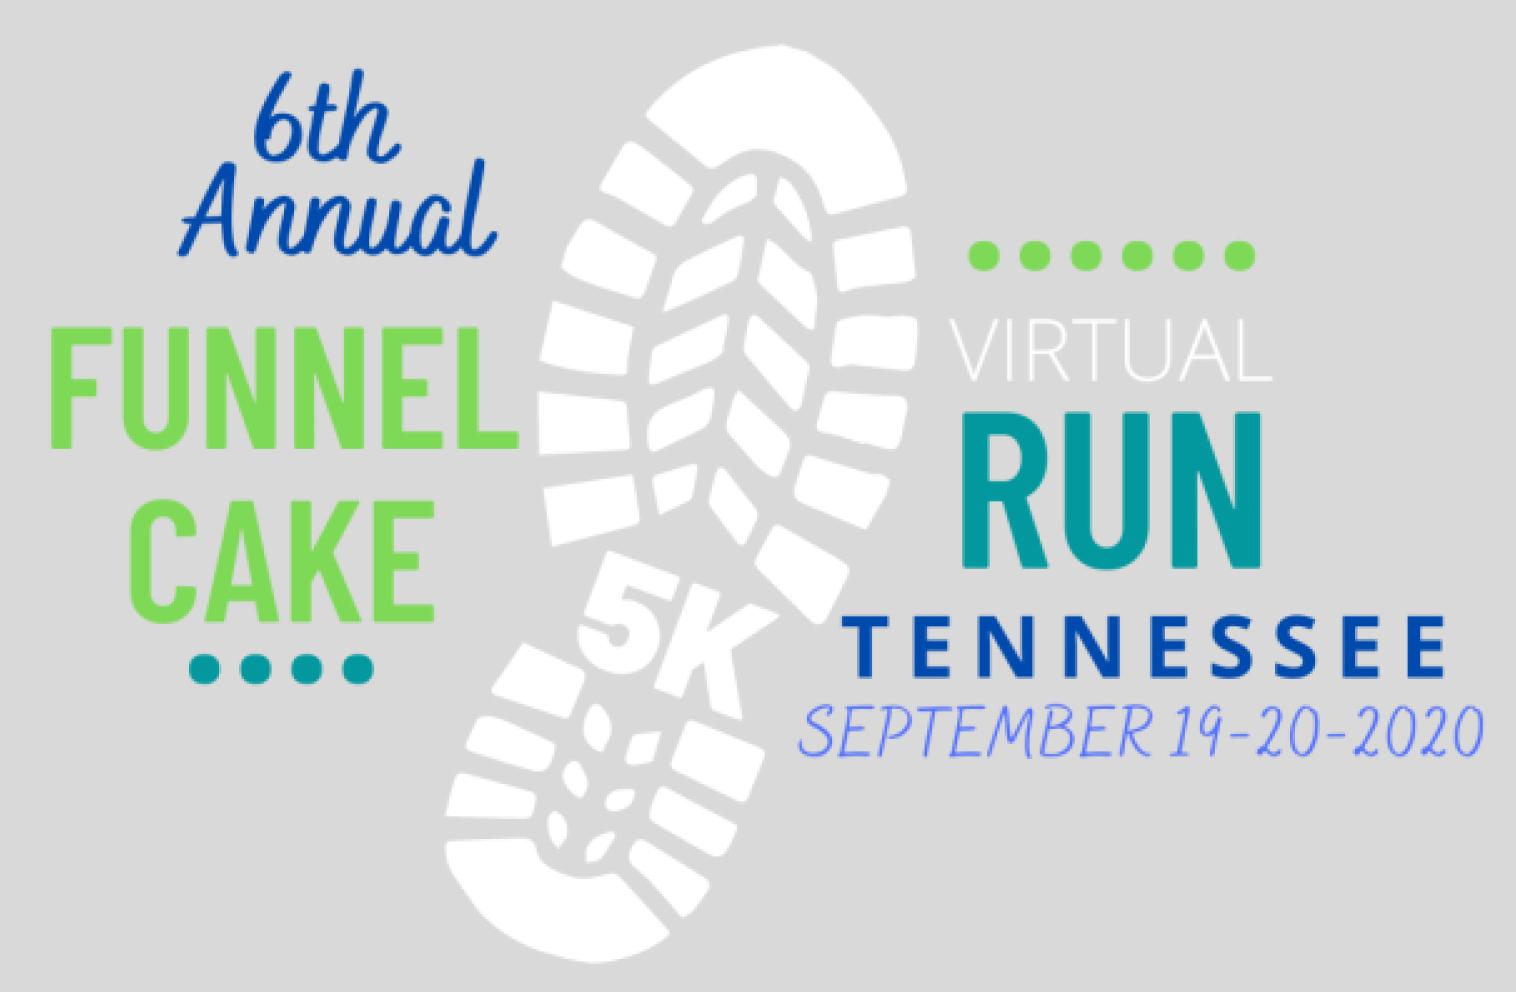 6th Annual Funnel Cake 5K Virtual Run Tennessee